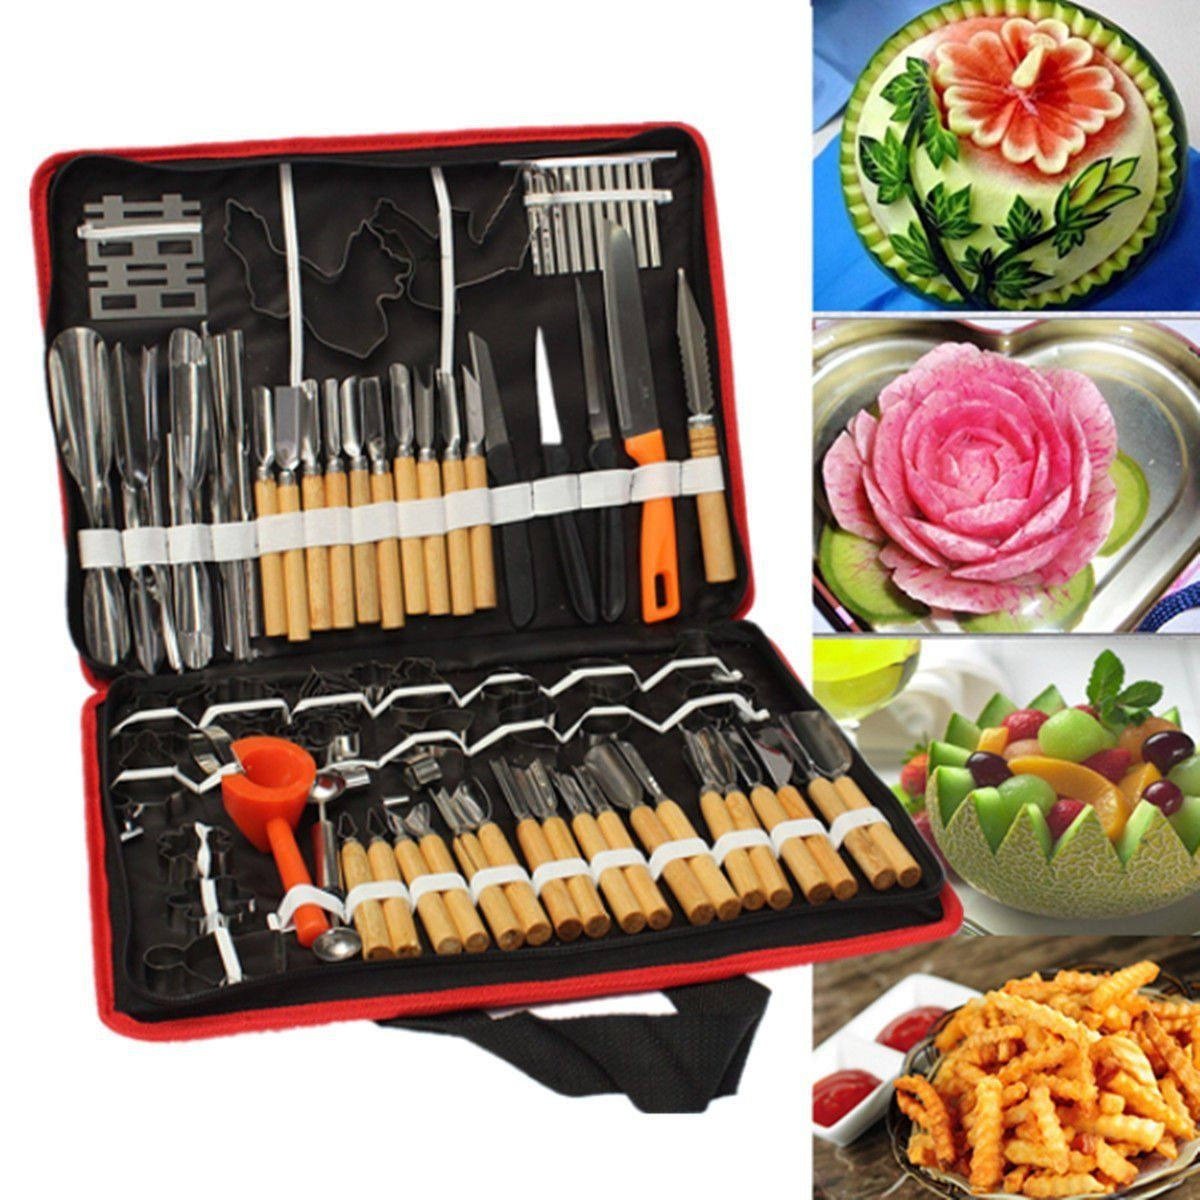 80x Professional Pumpkin Engraver Carving Tool Kit Set Carve Knife Kitchen Fruit 6 slicer 4 fruit knife parer kitchen tool set white black